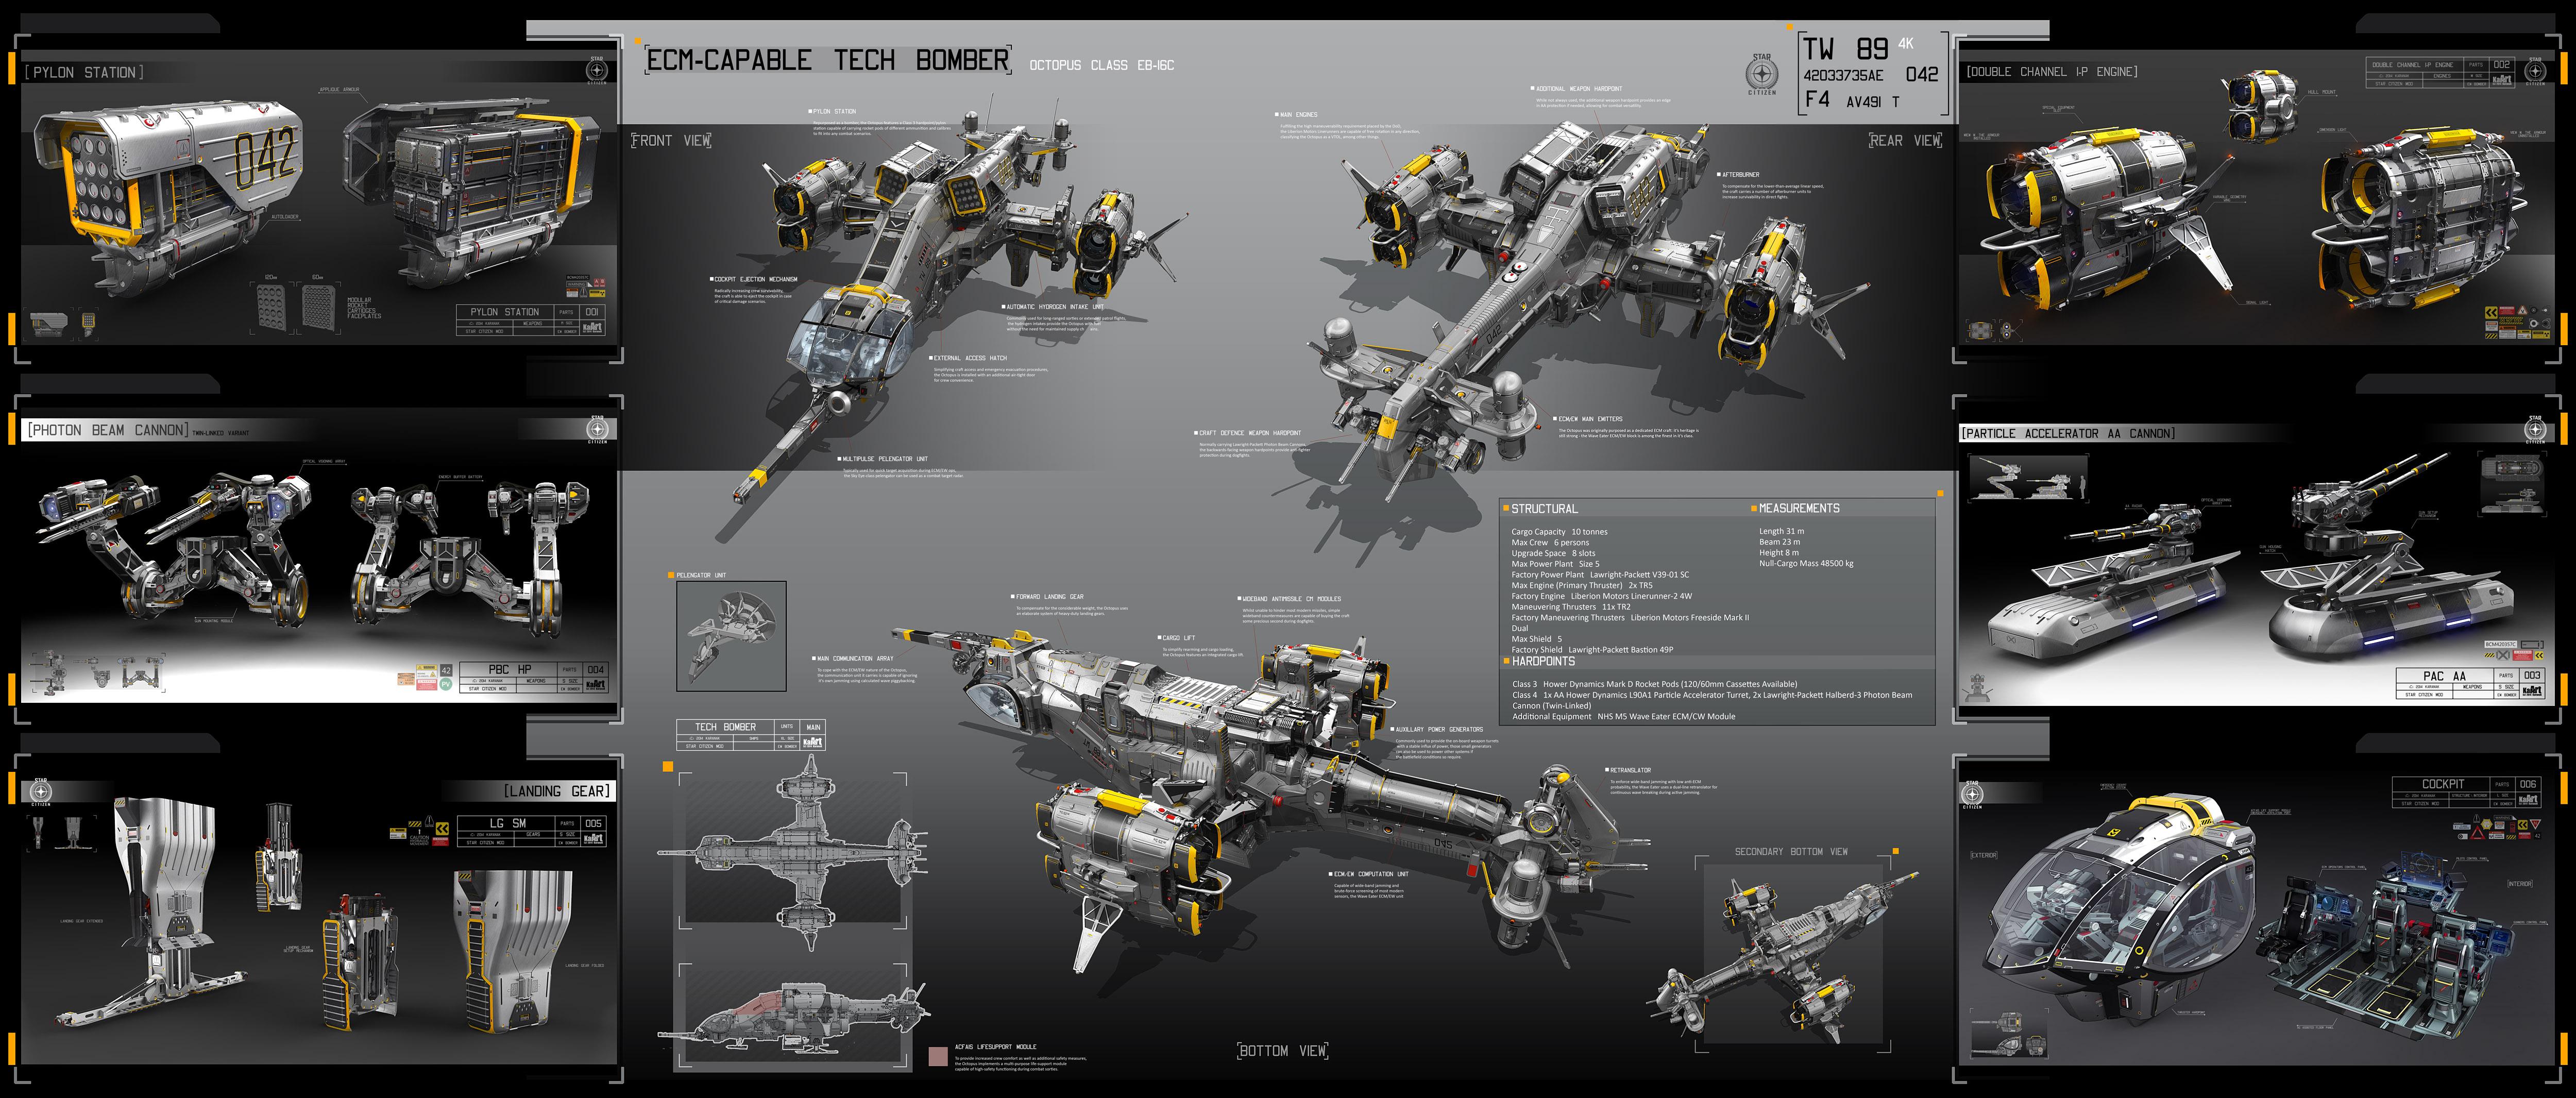 Sketchup Il peut le faire! Tech_bomber_sprut_by_karanak-d73d4a3